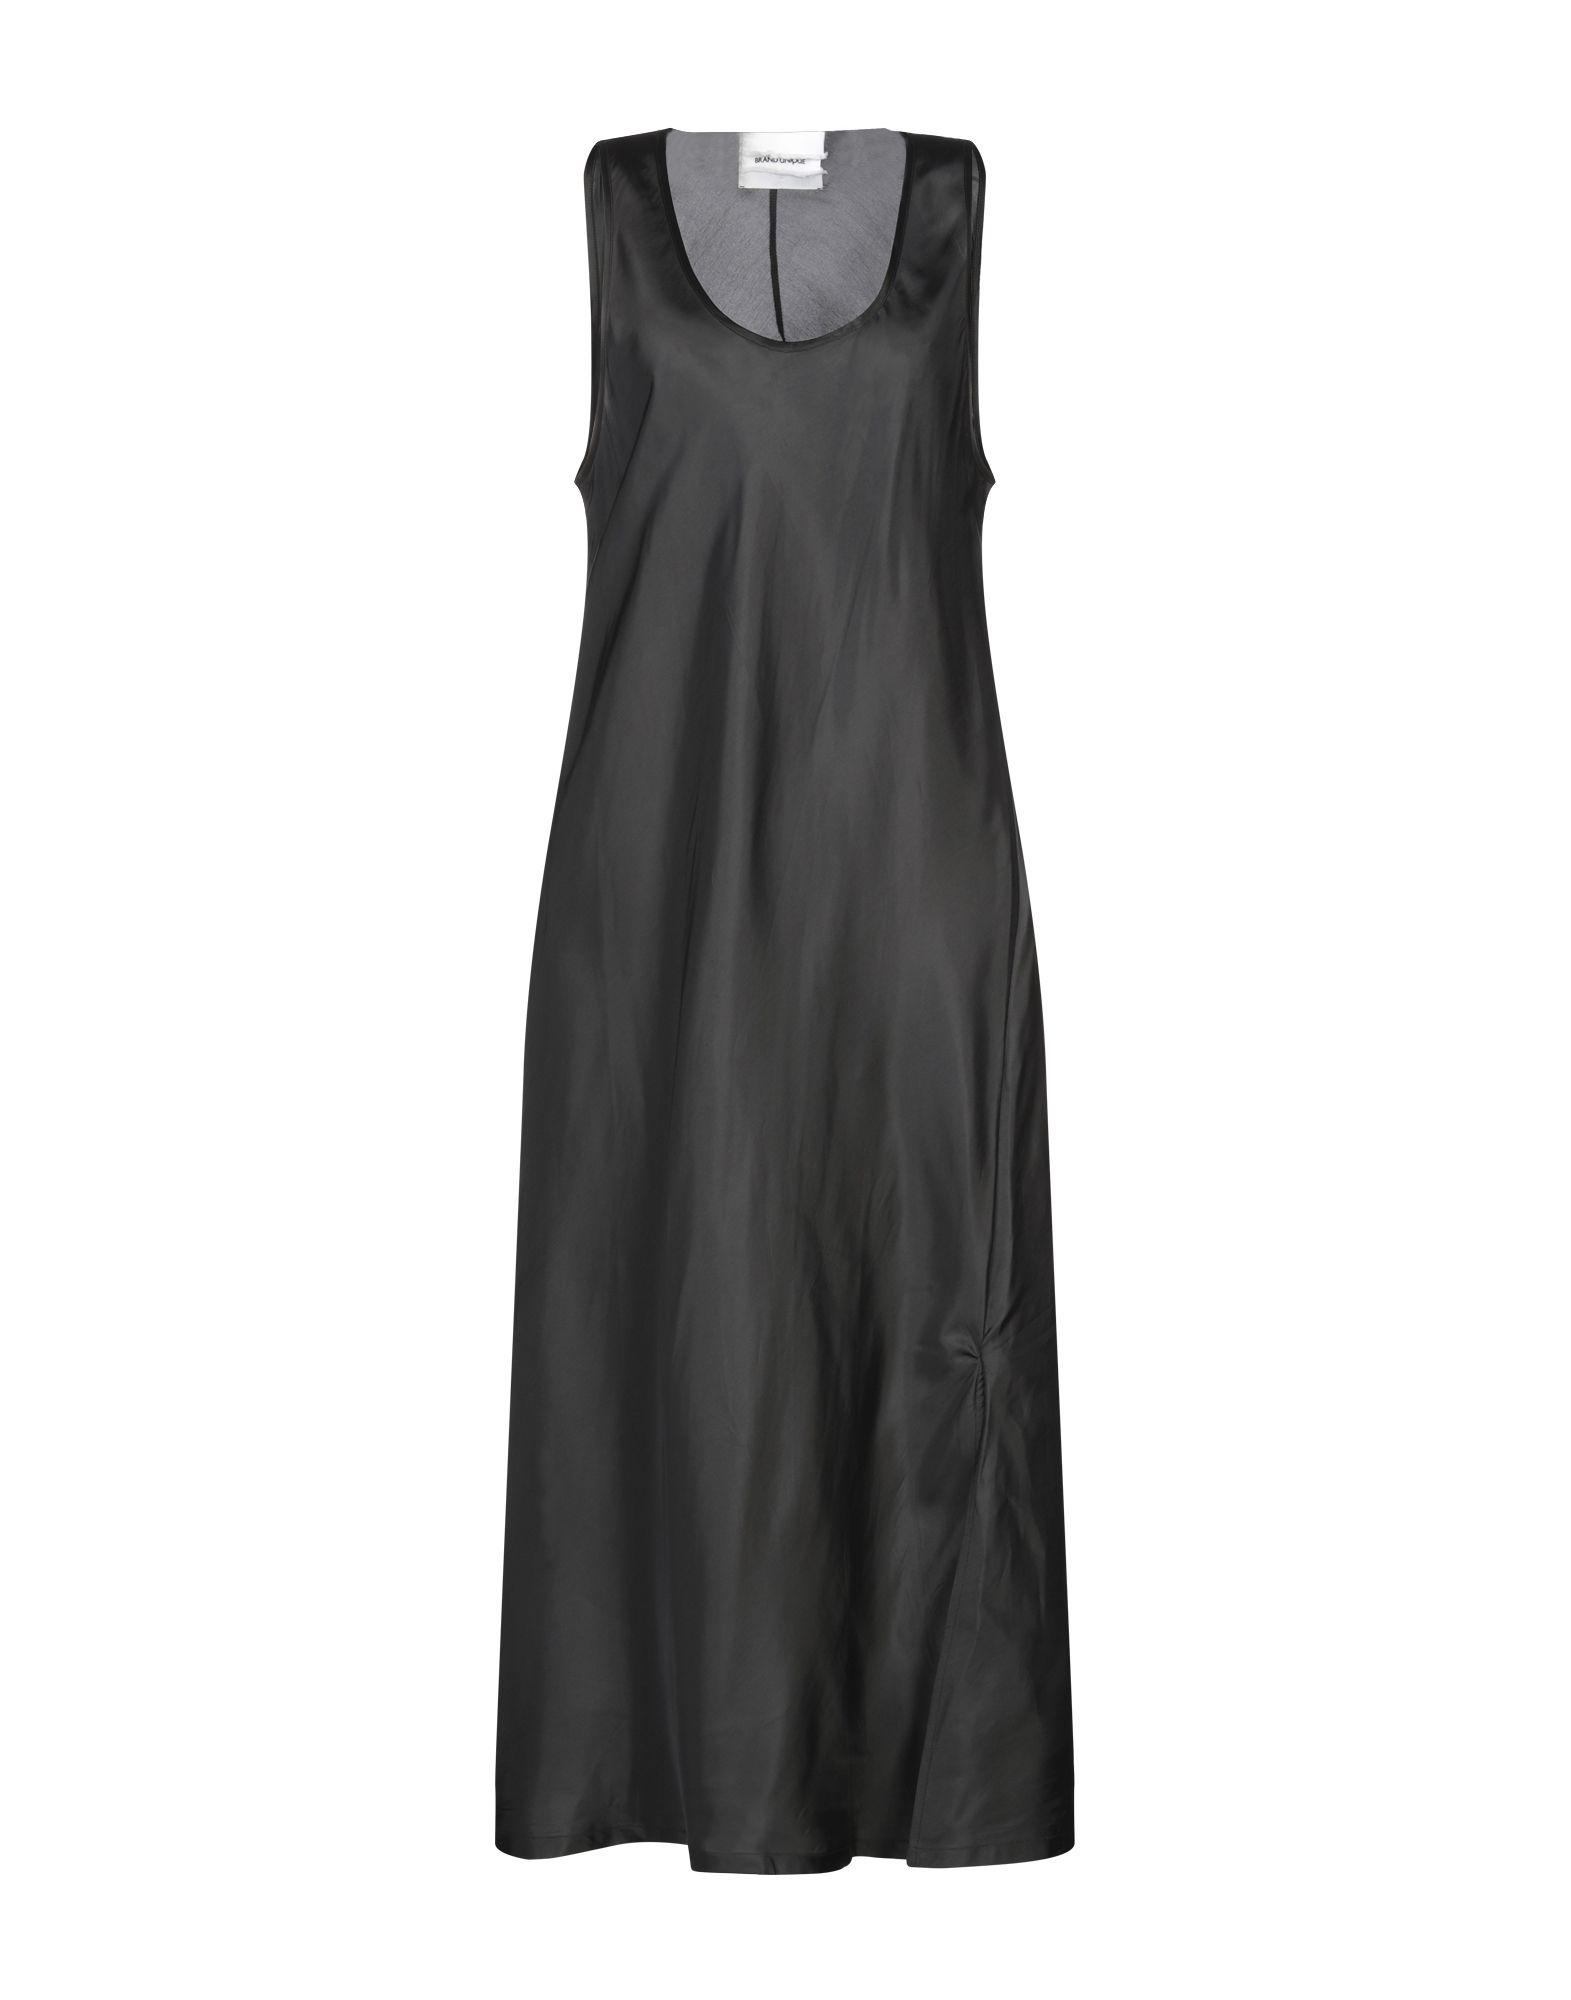 BRAND UNIQUE Платье длиной 3/4